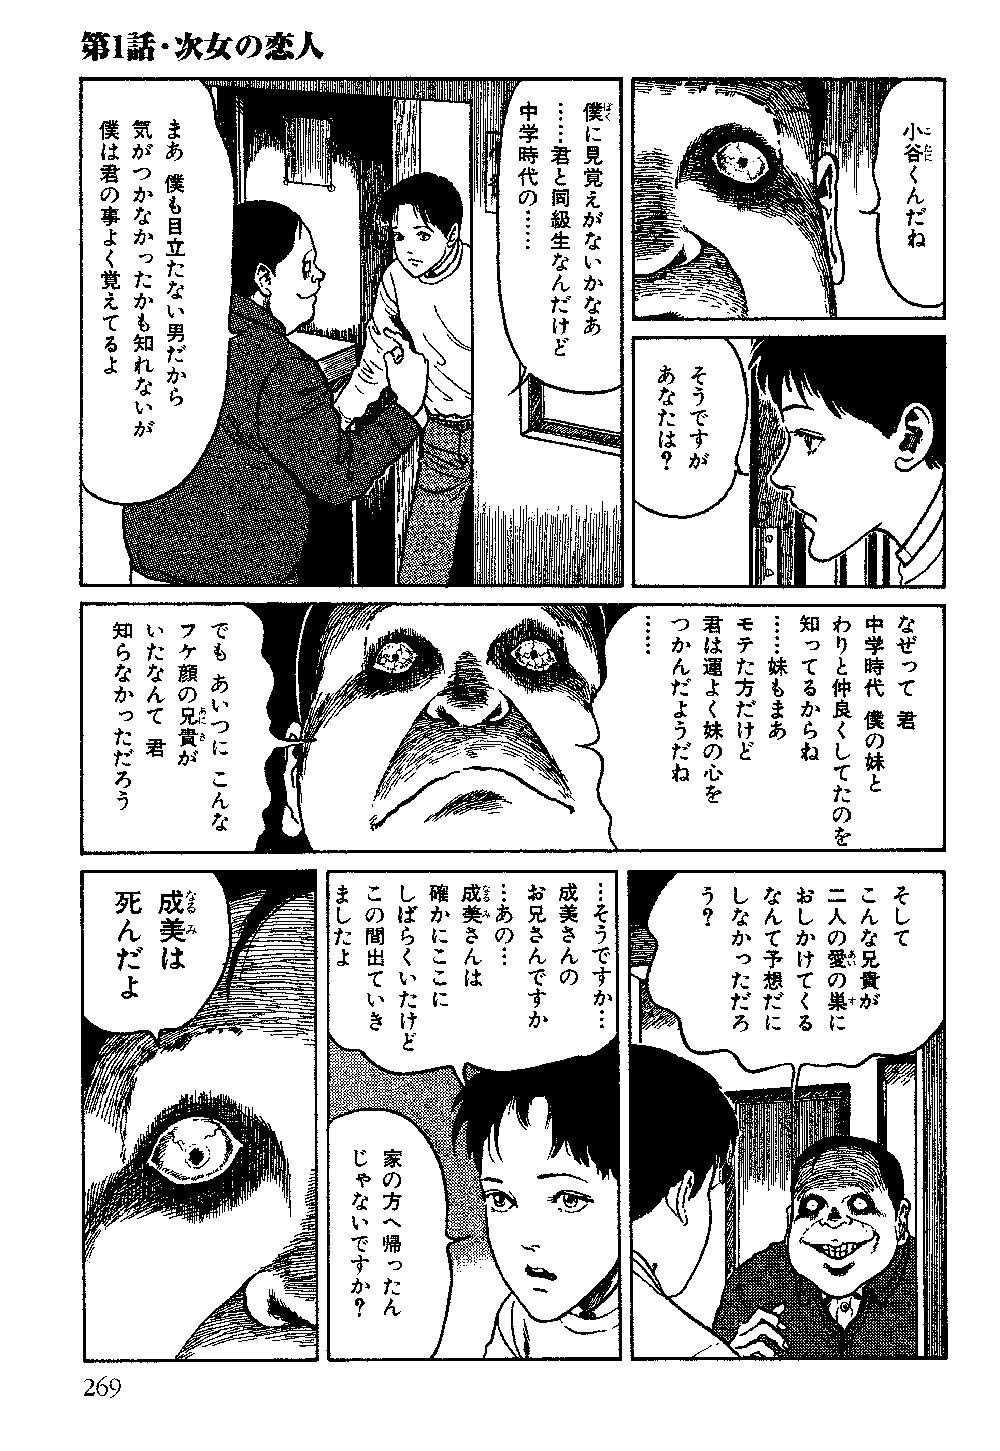 itouj_0004_0271.jpg